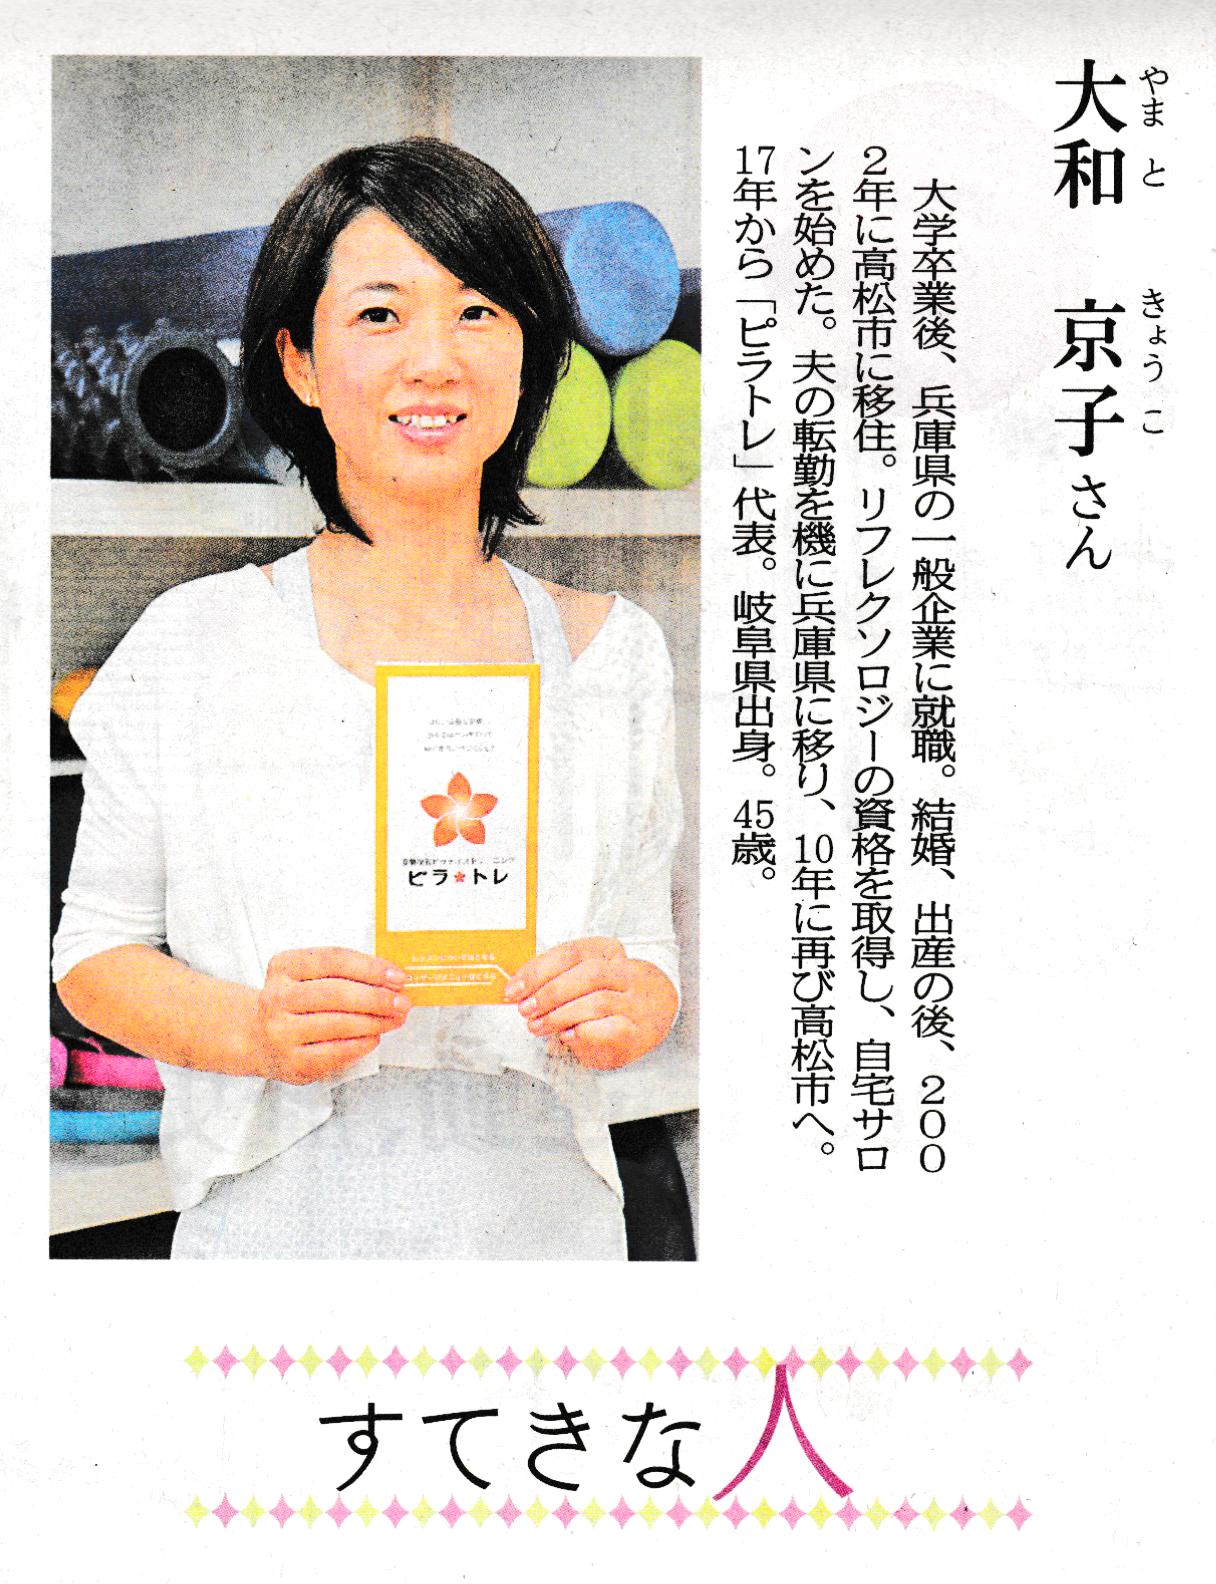 四国新聞掲載記事